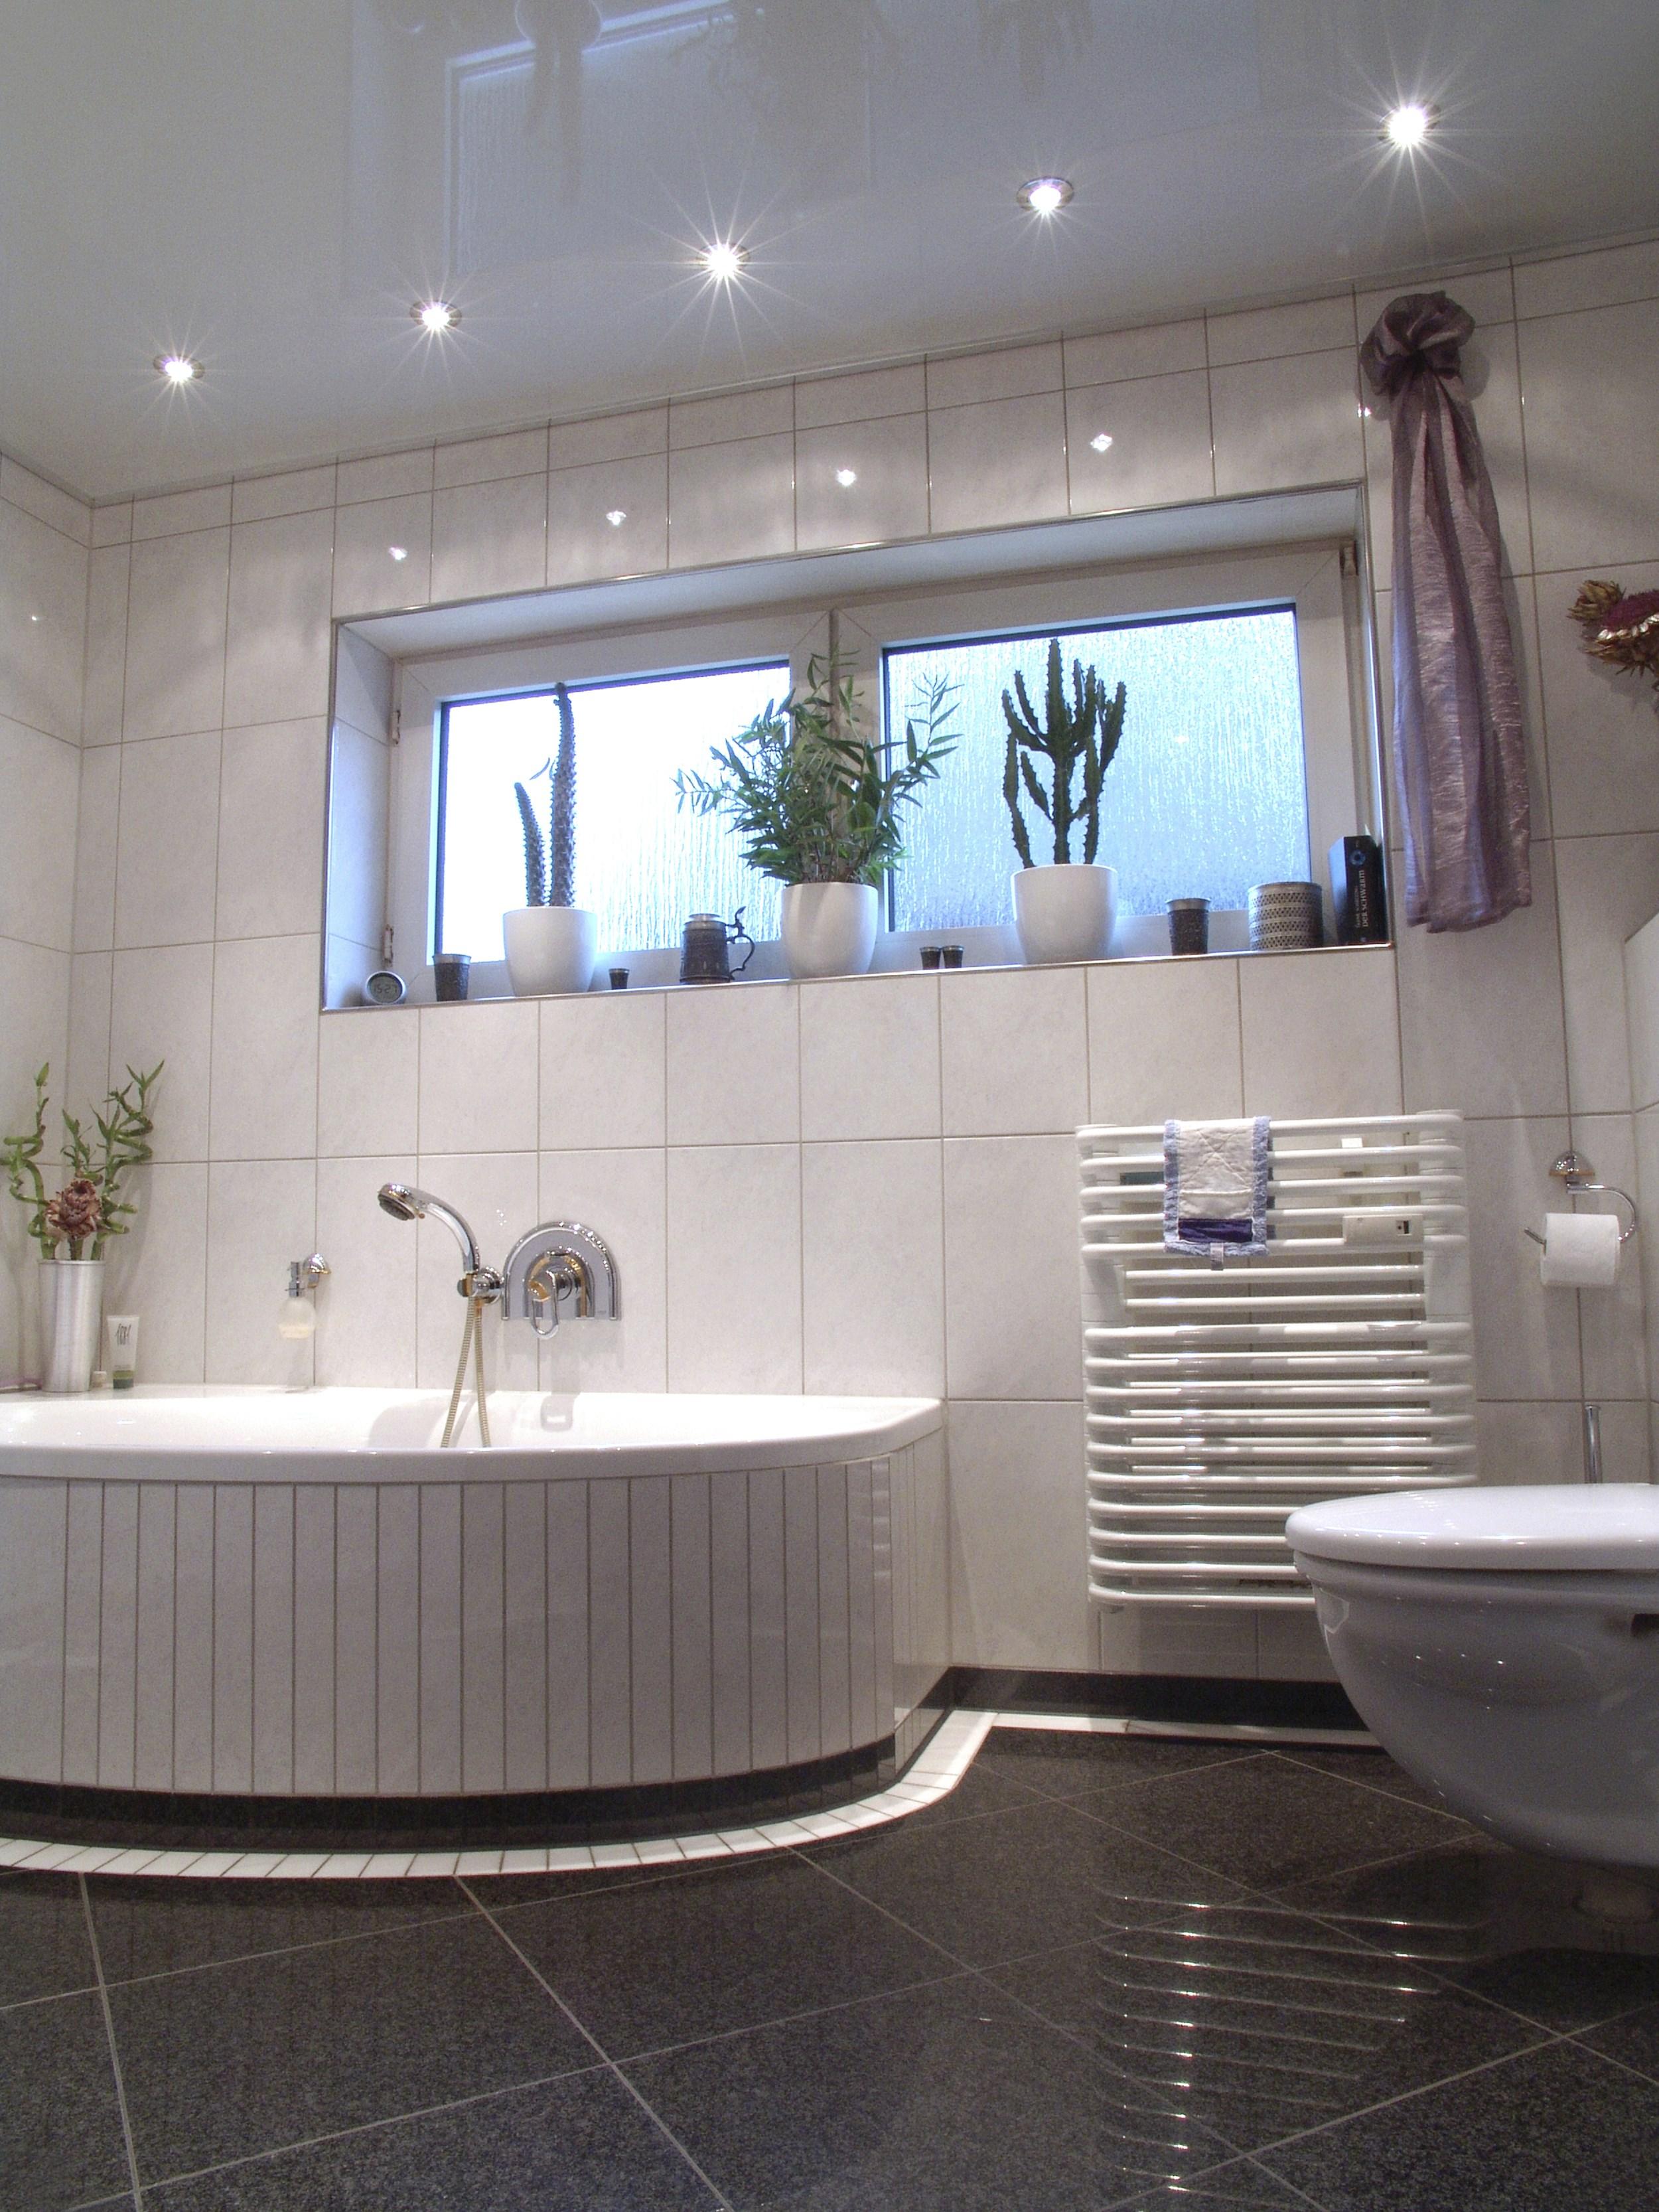 kundenbeispiele deckenrenovierung portas renovierung. Black Bedroom Furniture Sets. Home Design Ideas